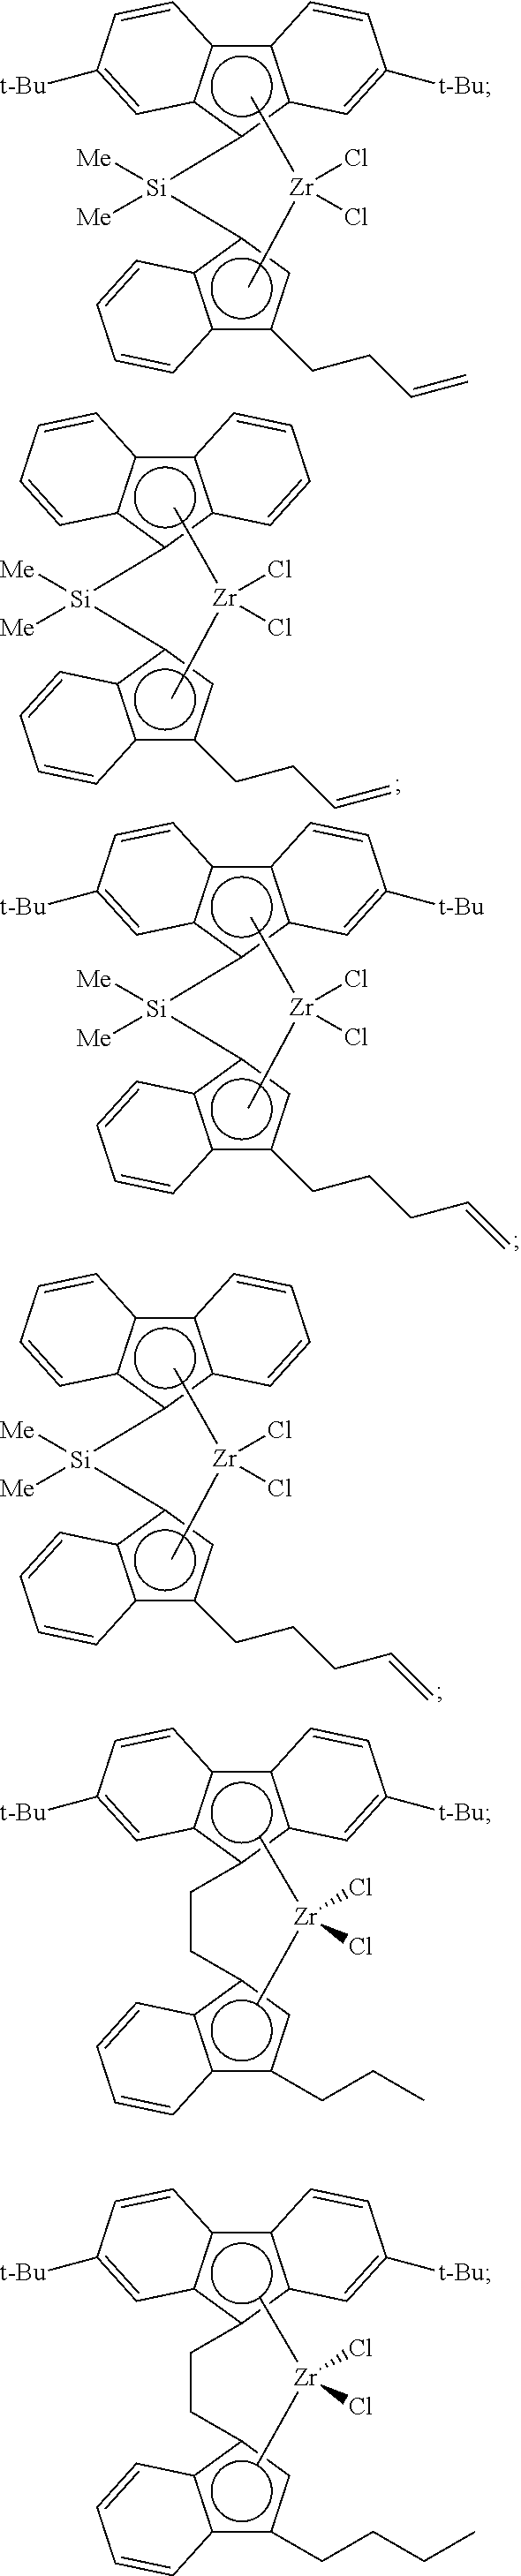 Figure US08288487-20121016-C00035